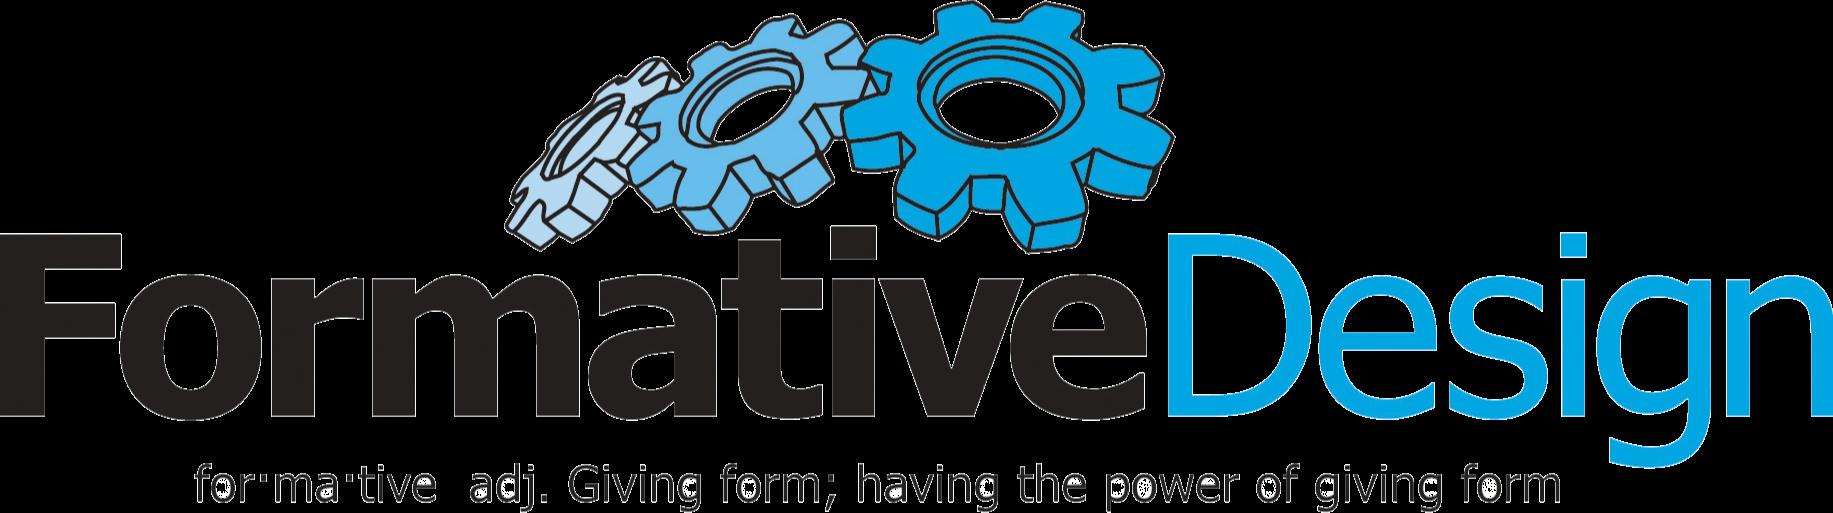 Business logo with tagline